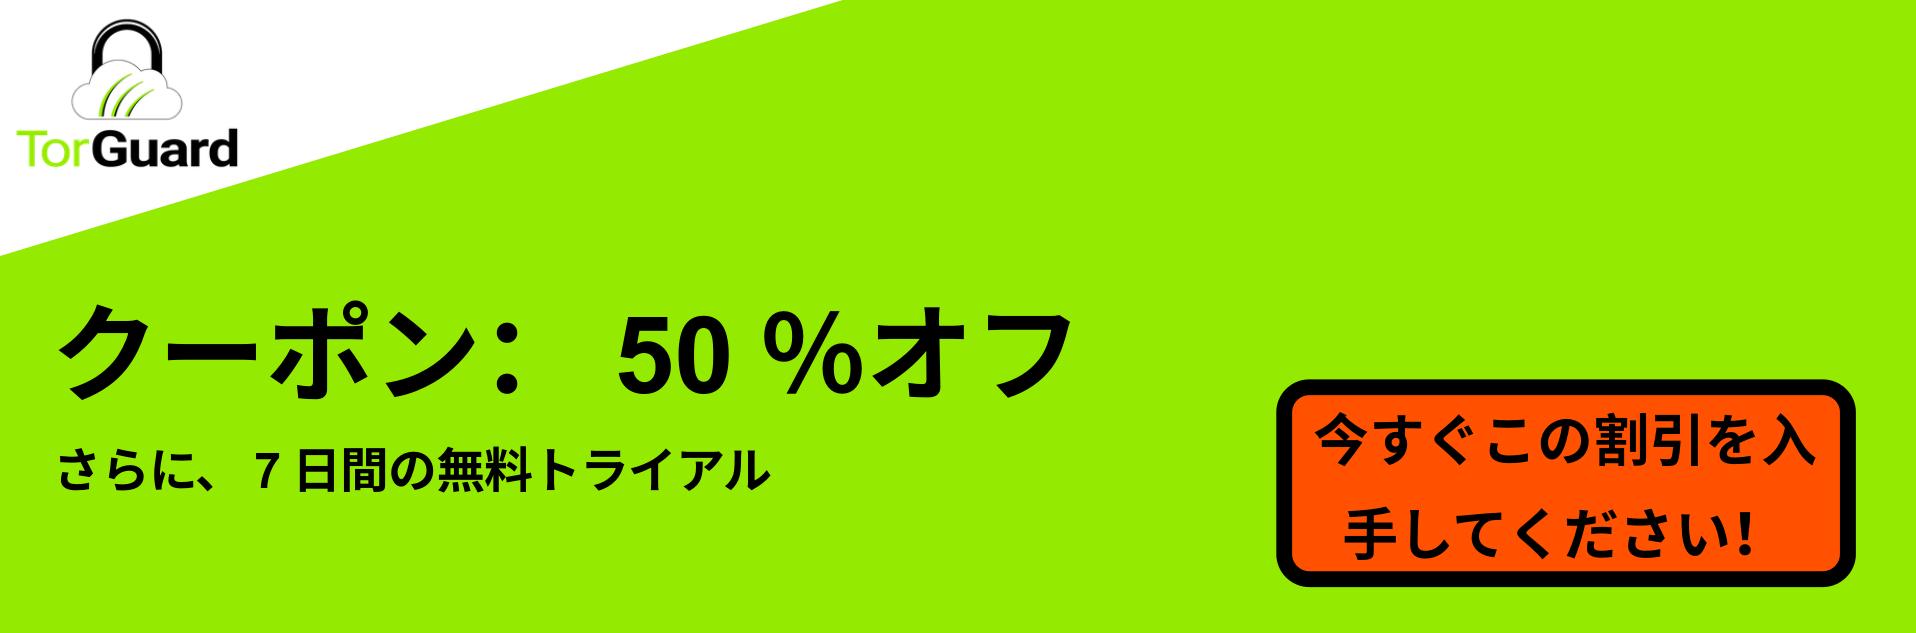 TorGuard VPNクーポンバナー-50%オフ